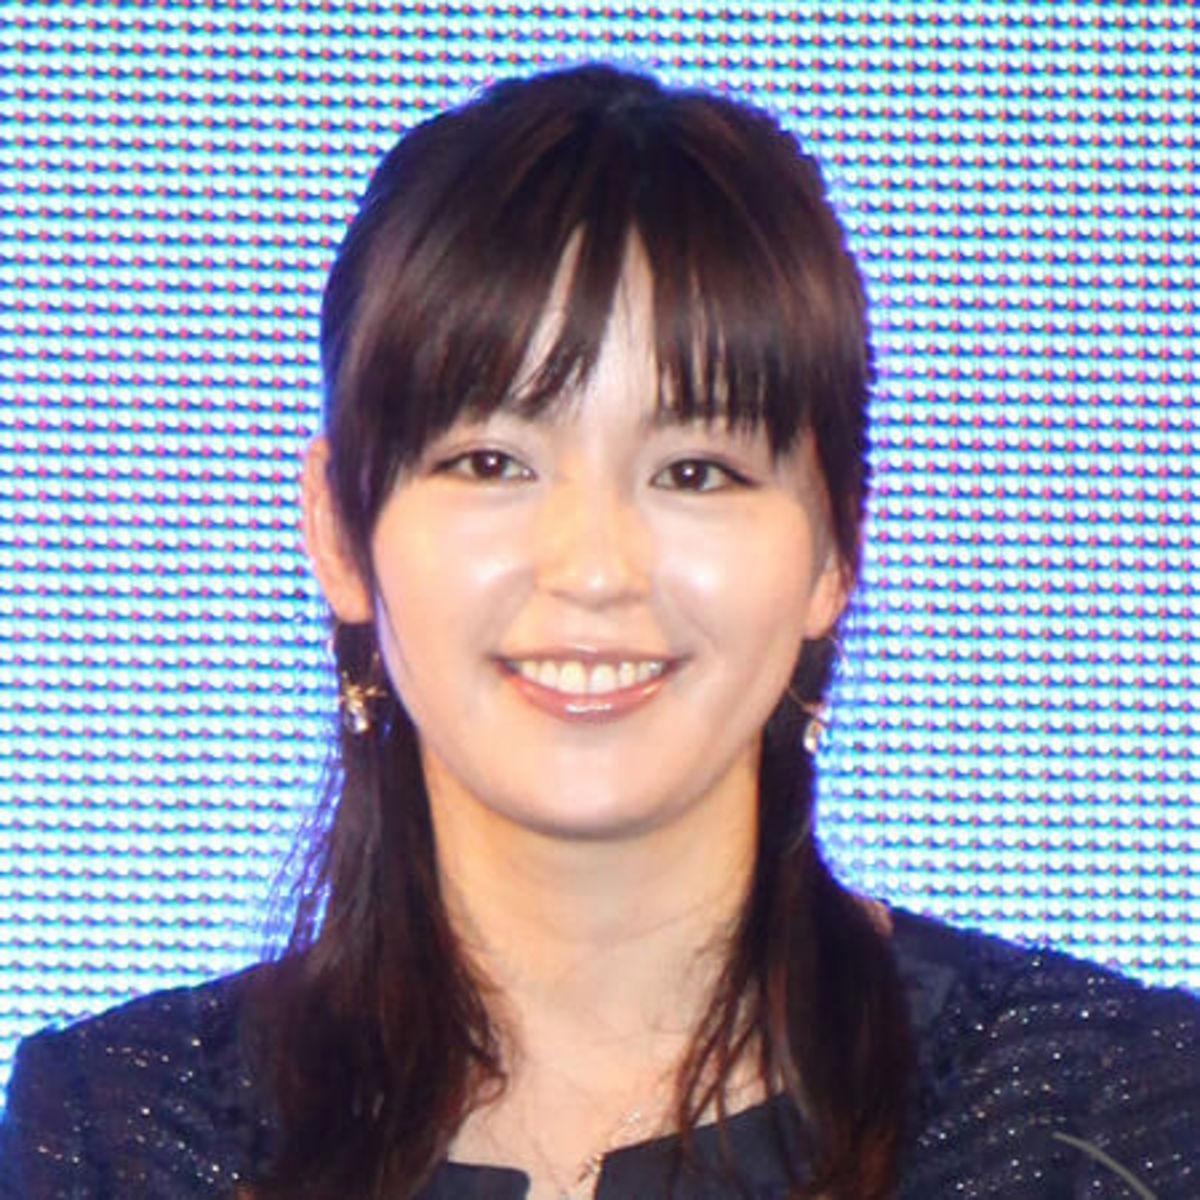 中野美奈子、慶大時代の彼氏を告白…「けっこうオタクって